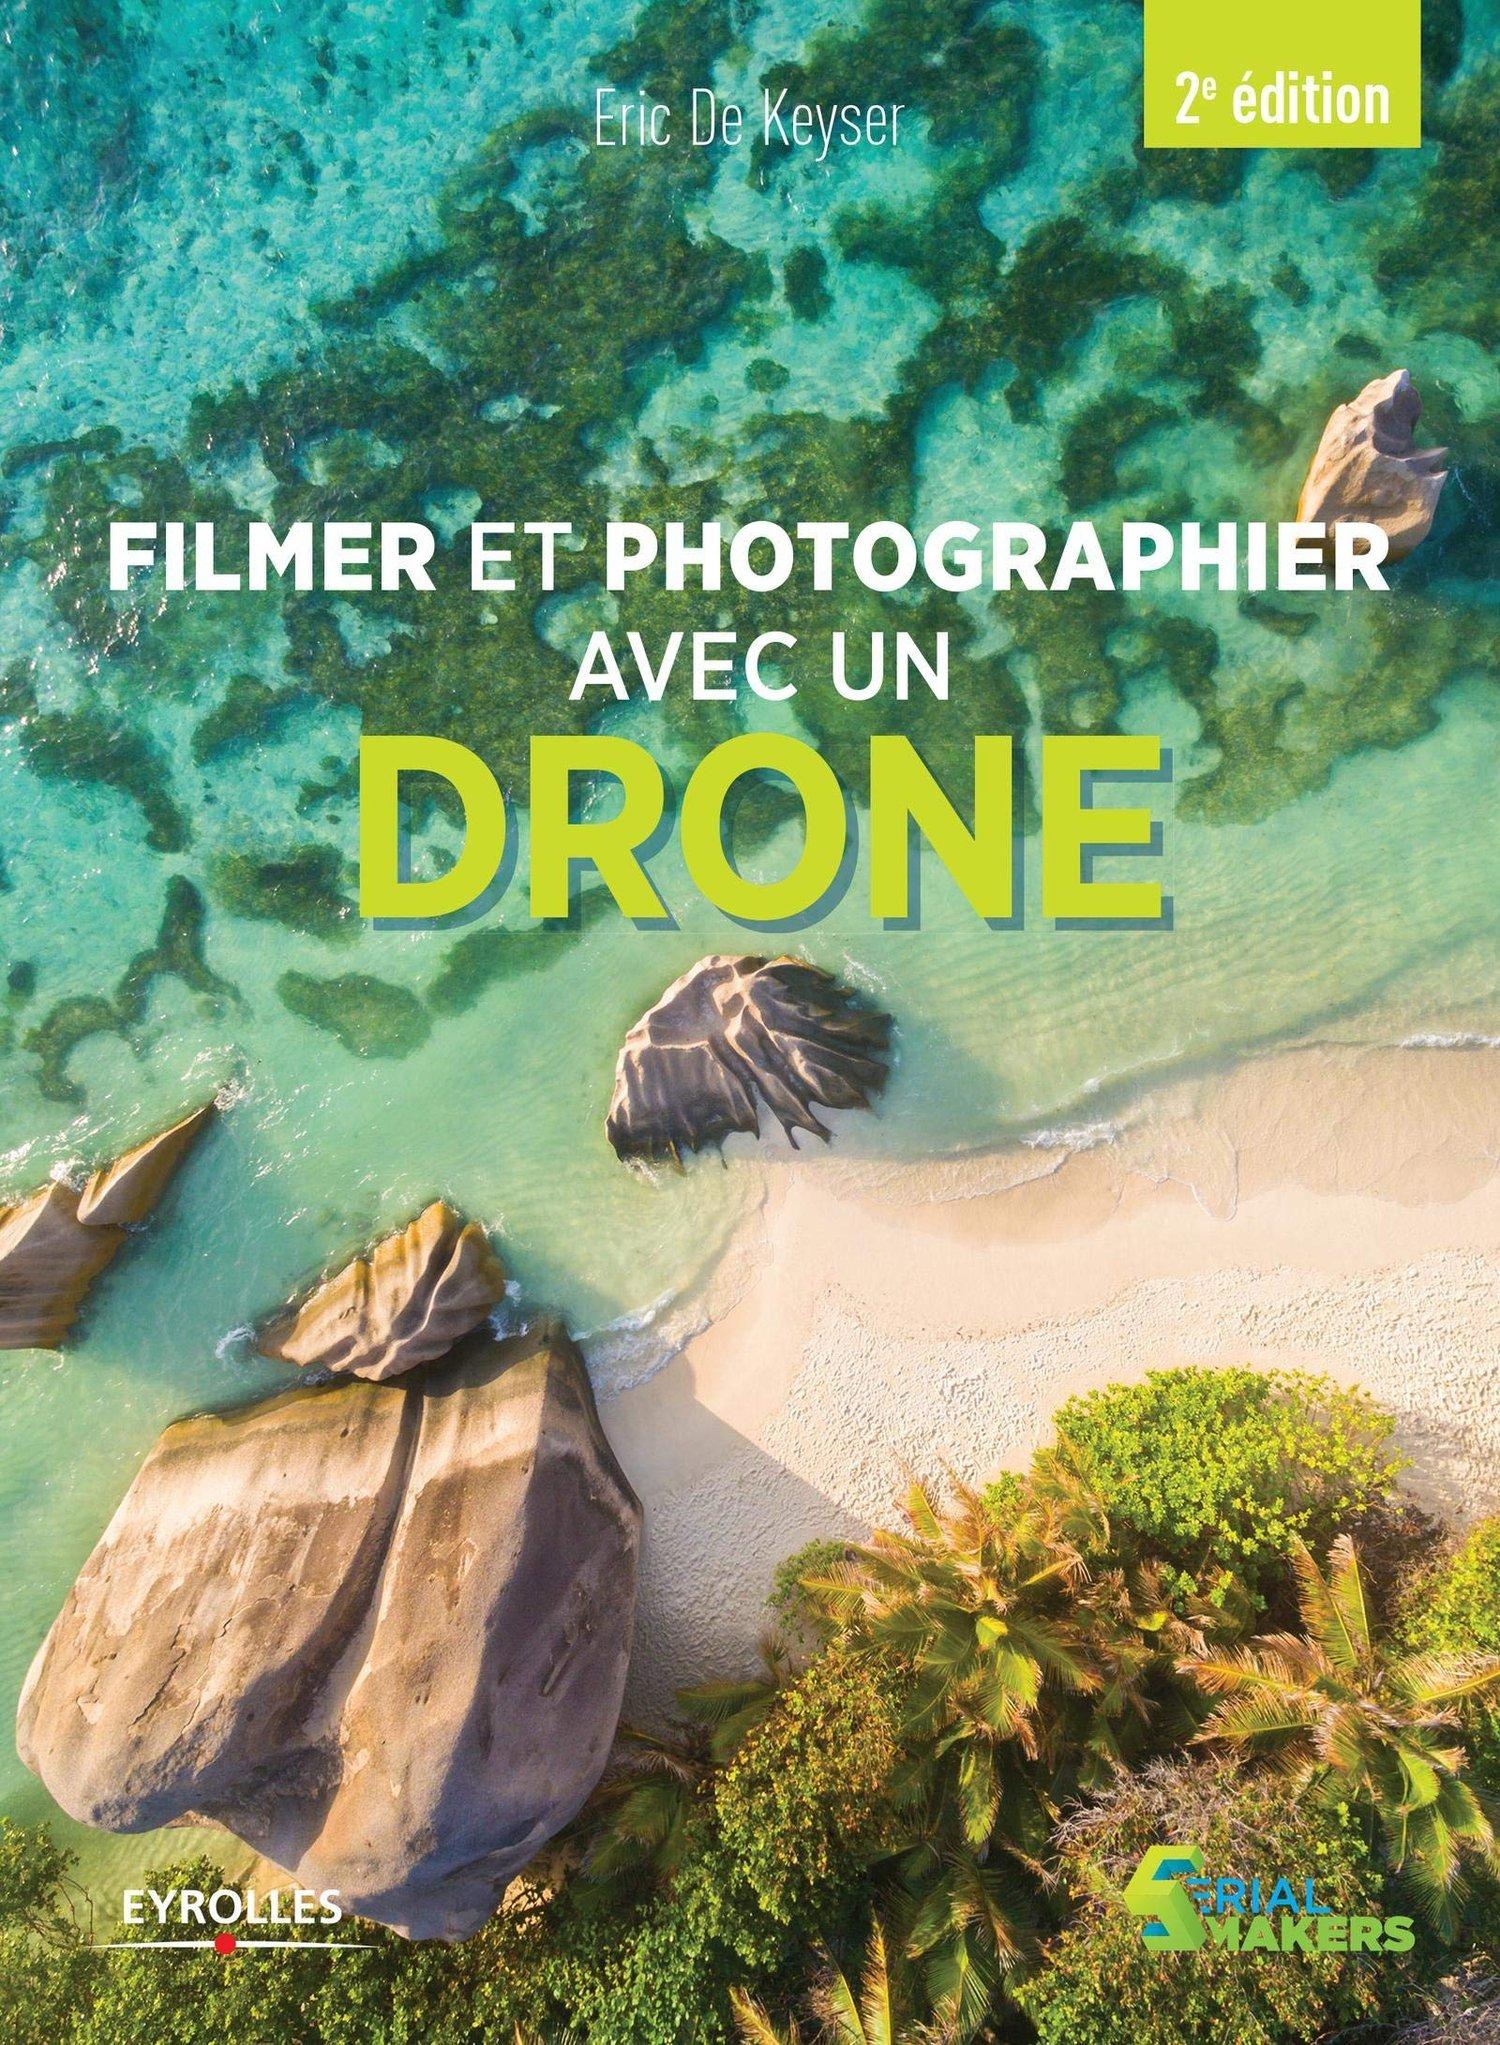 Image of Filmer et photographier avec un drone